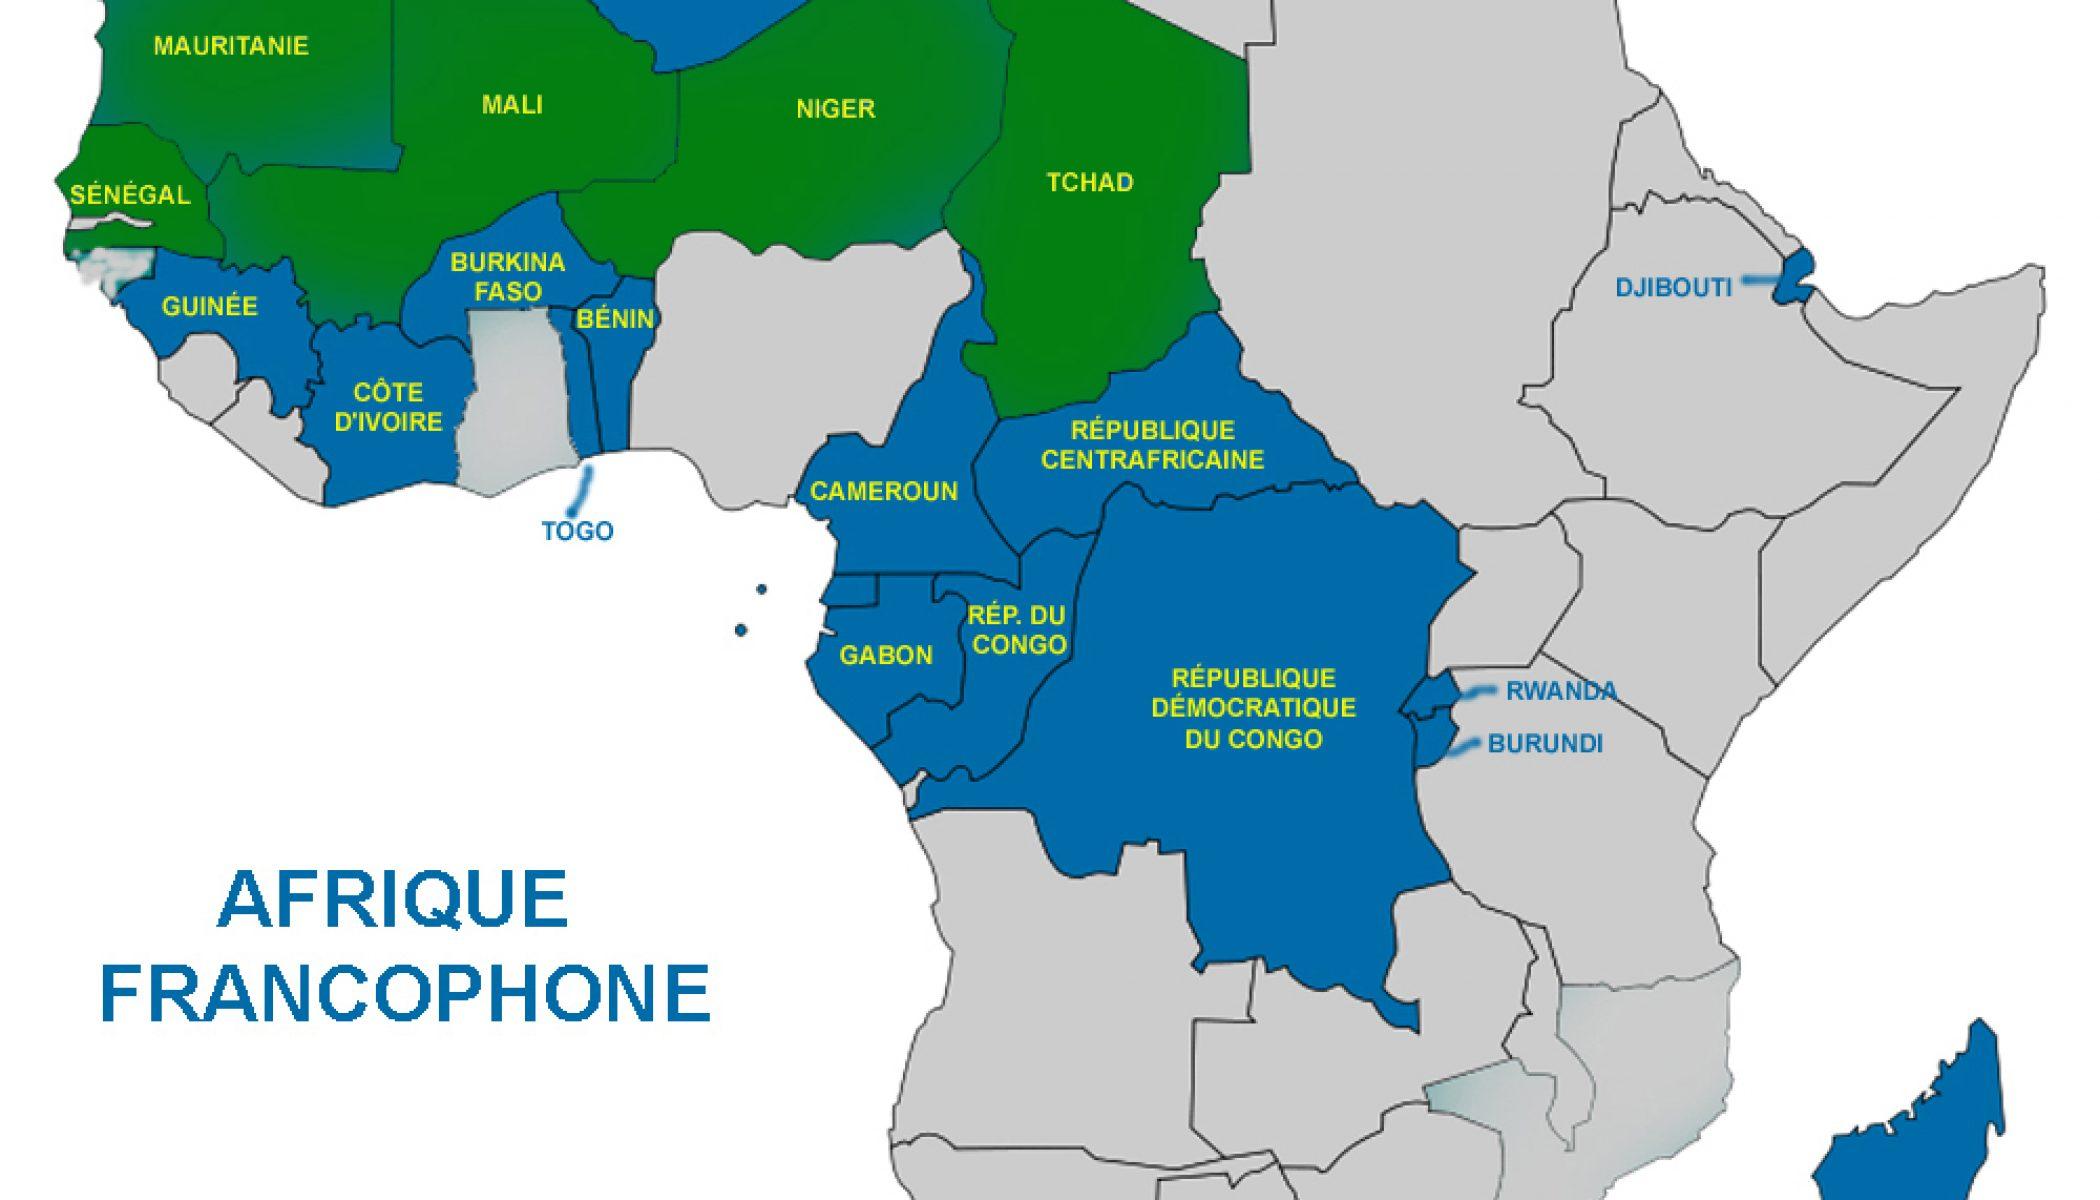 Carte De Lafrique Francophone.L Afrique Subsaharienne Francophone Est Le Moteur De La